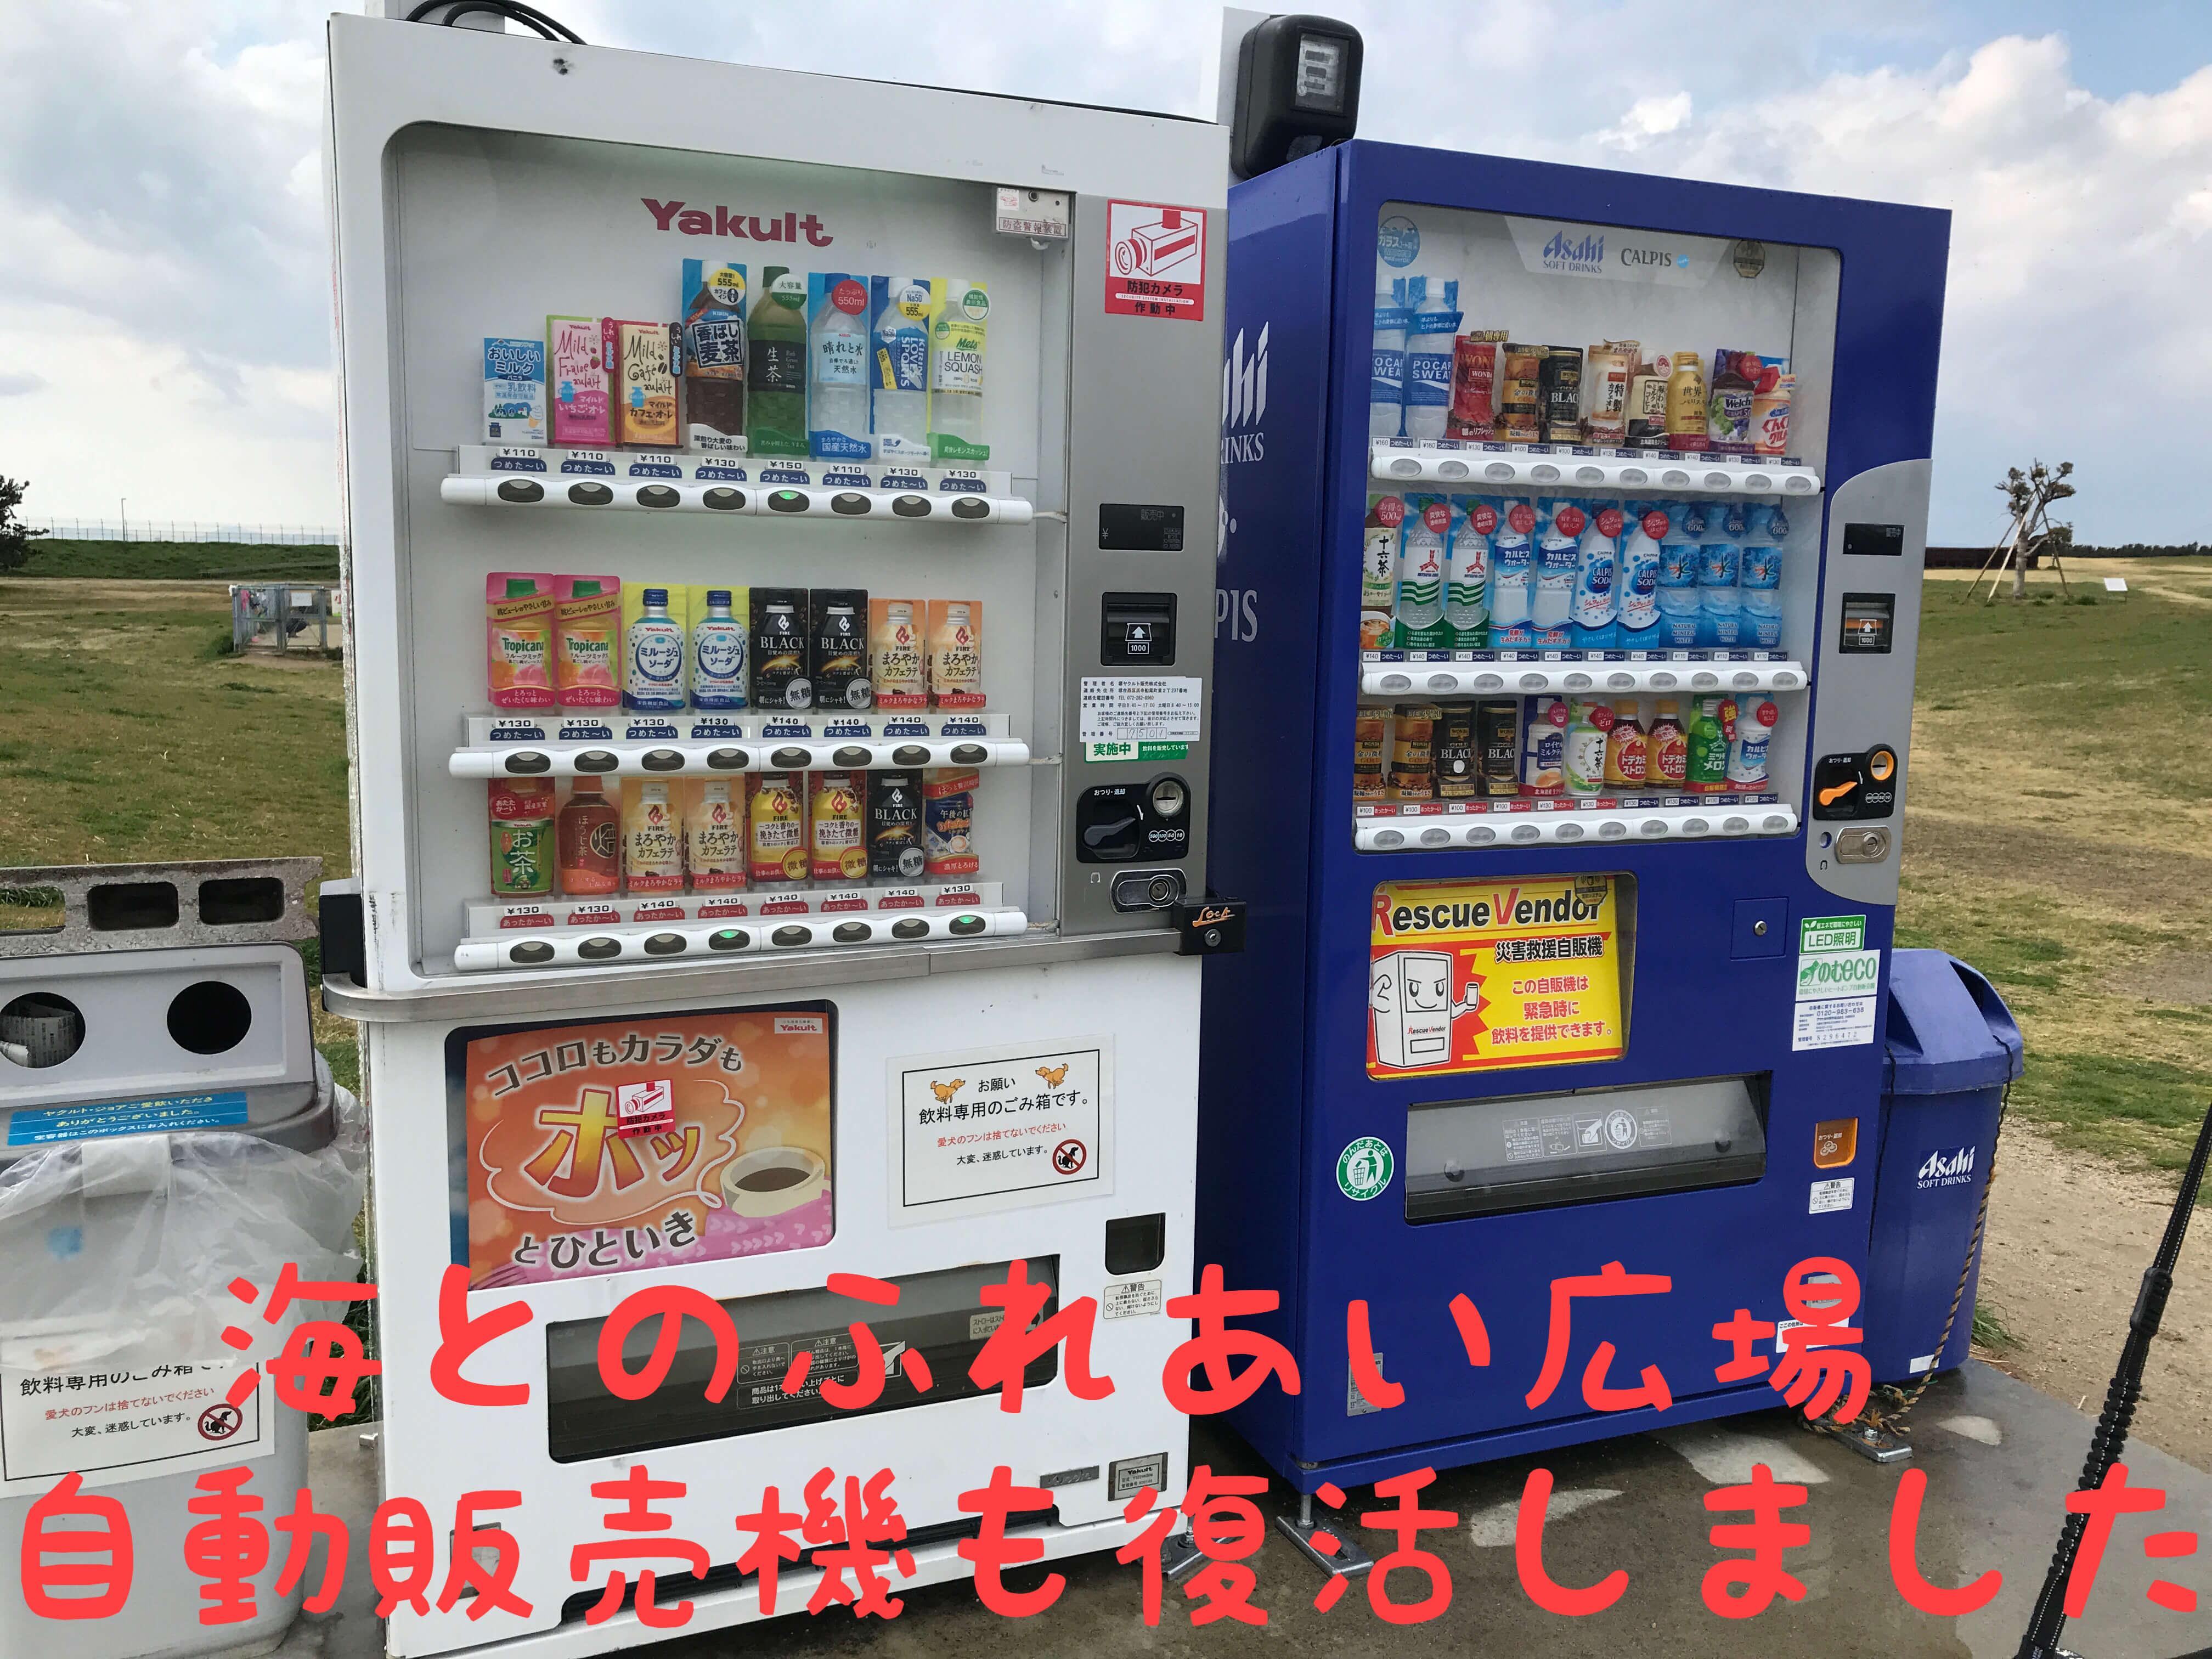 海とのふれあい広場 自動販売機も復活しました